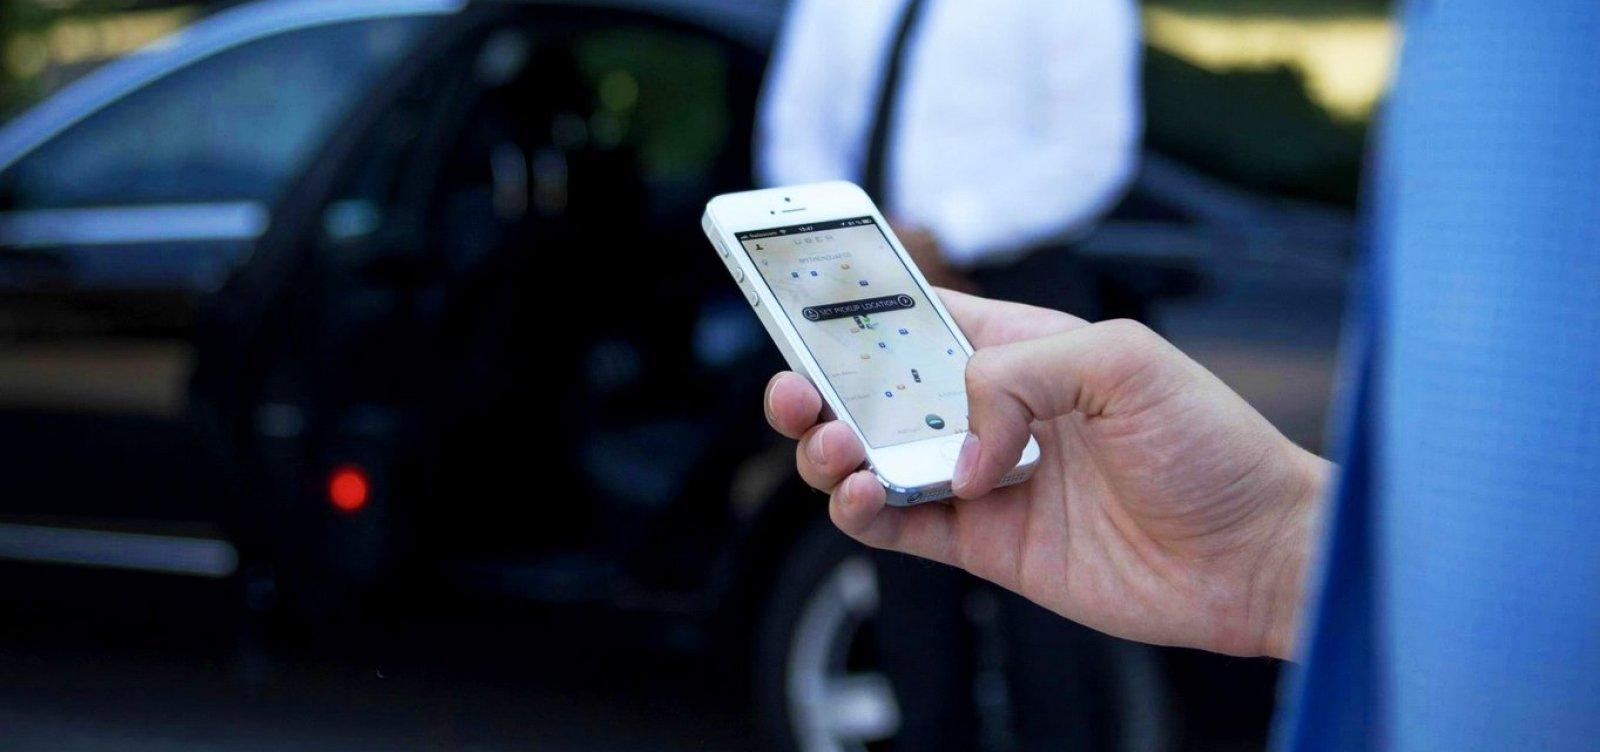 [Membros da CCJ pedem vista de projeto que regulamenta Uber em Salvador]